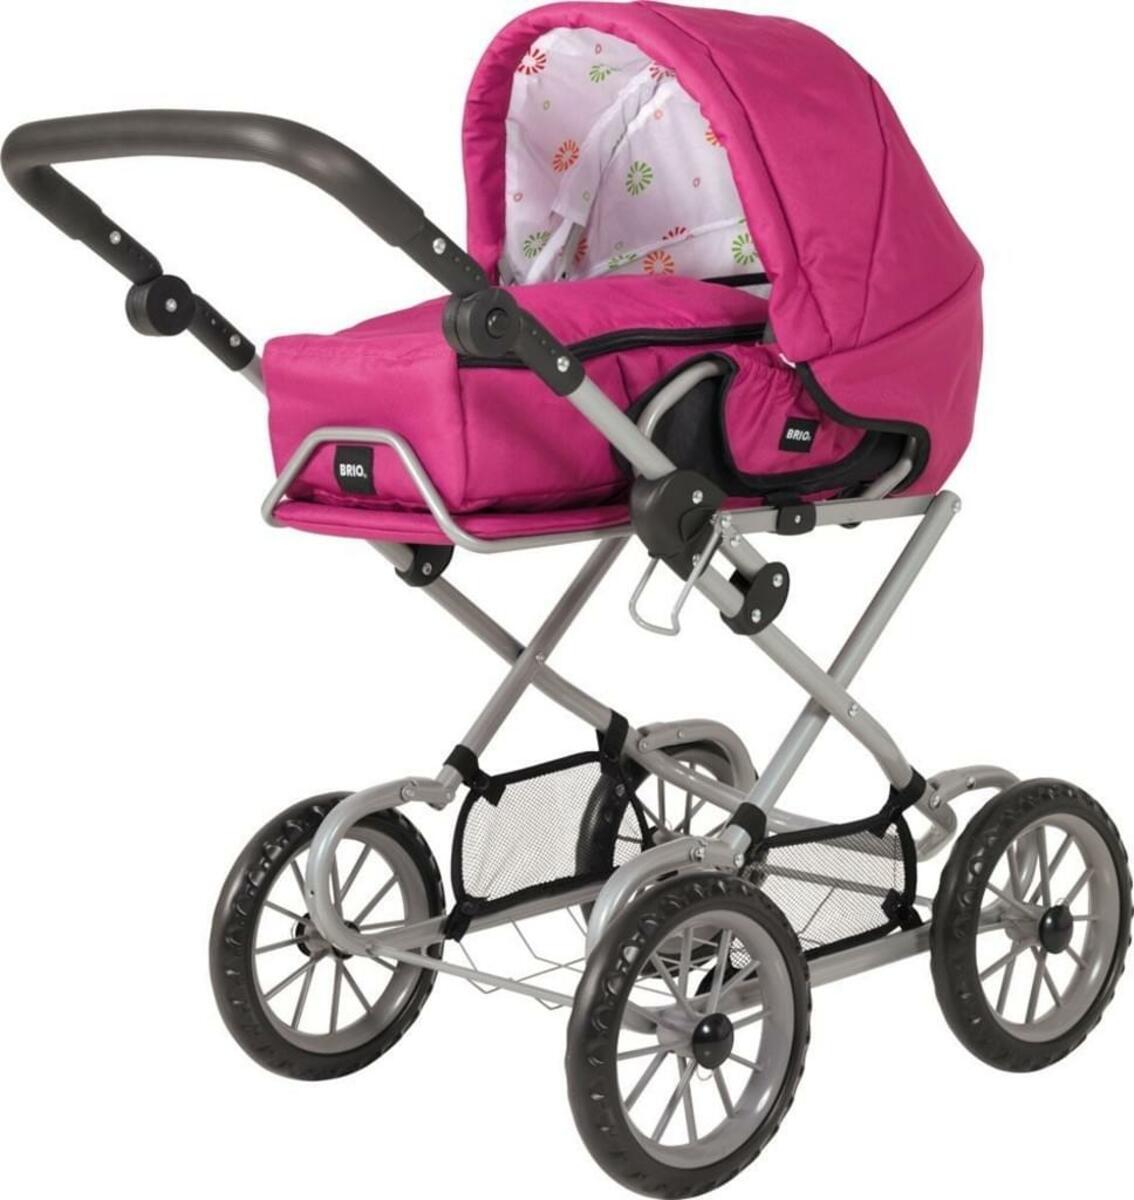 Bild 4 von BRIO Puppenwagen Combi, Puppen Wagen, Buggy, Kinderwagen, Kombiwagen, Rose, 24891314